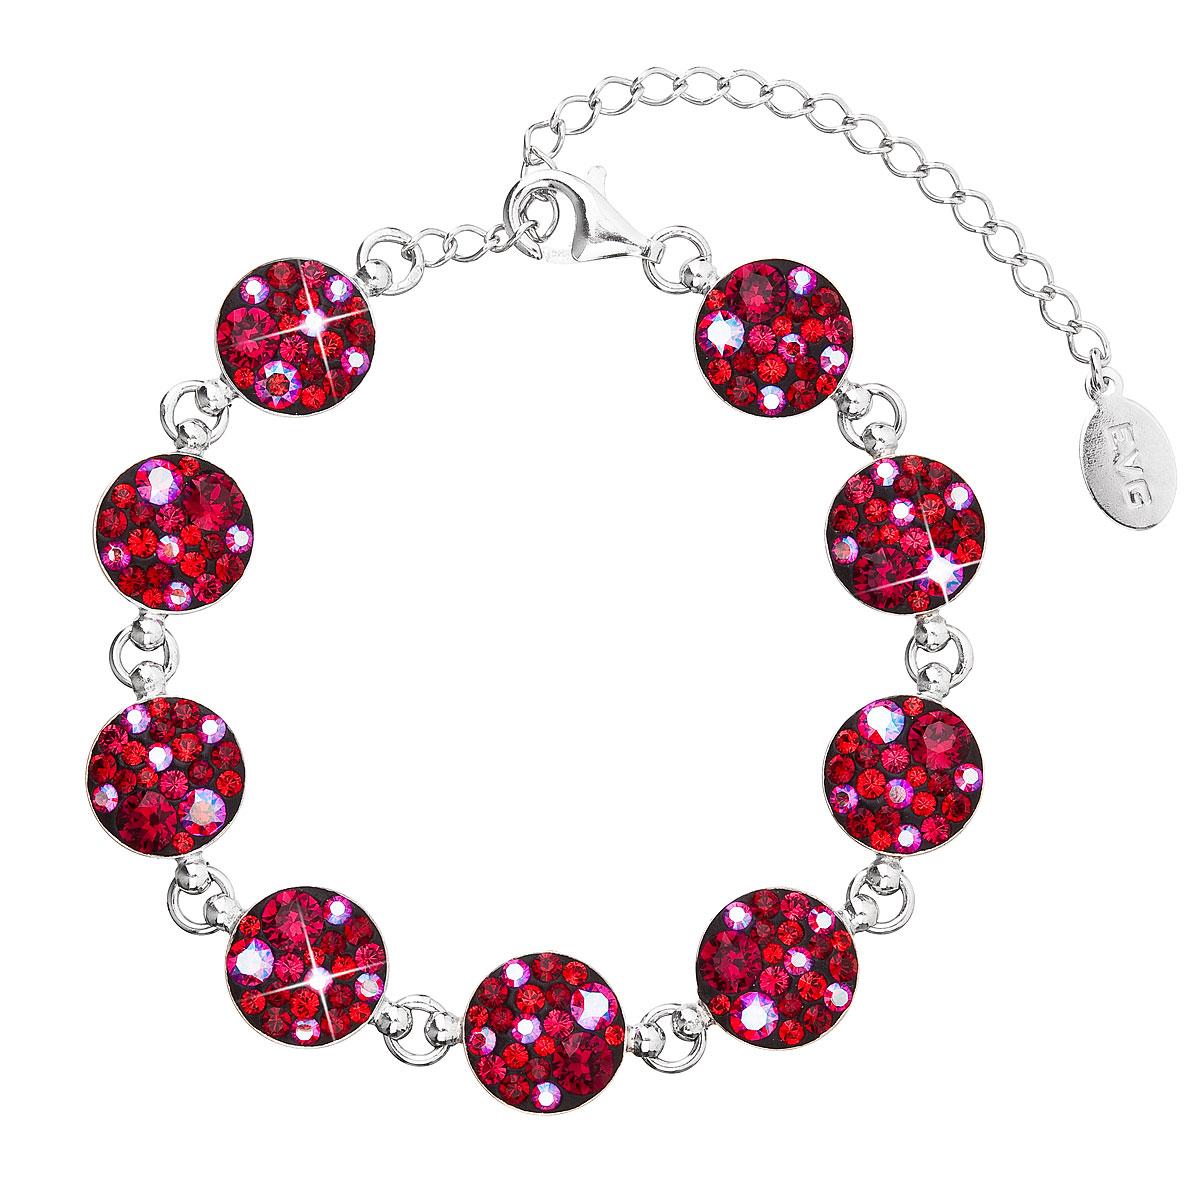 Evolution Group Stříbrný náramek se Swarovski krystaly červený 33048.3 cherry